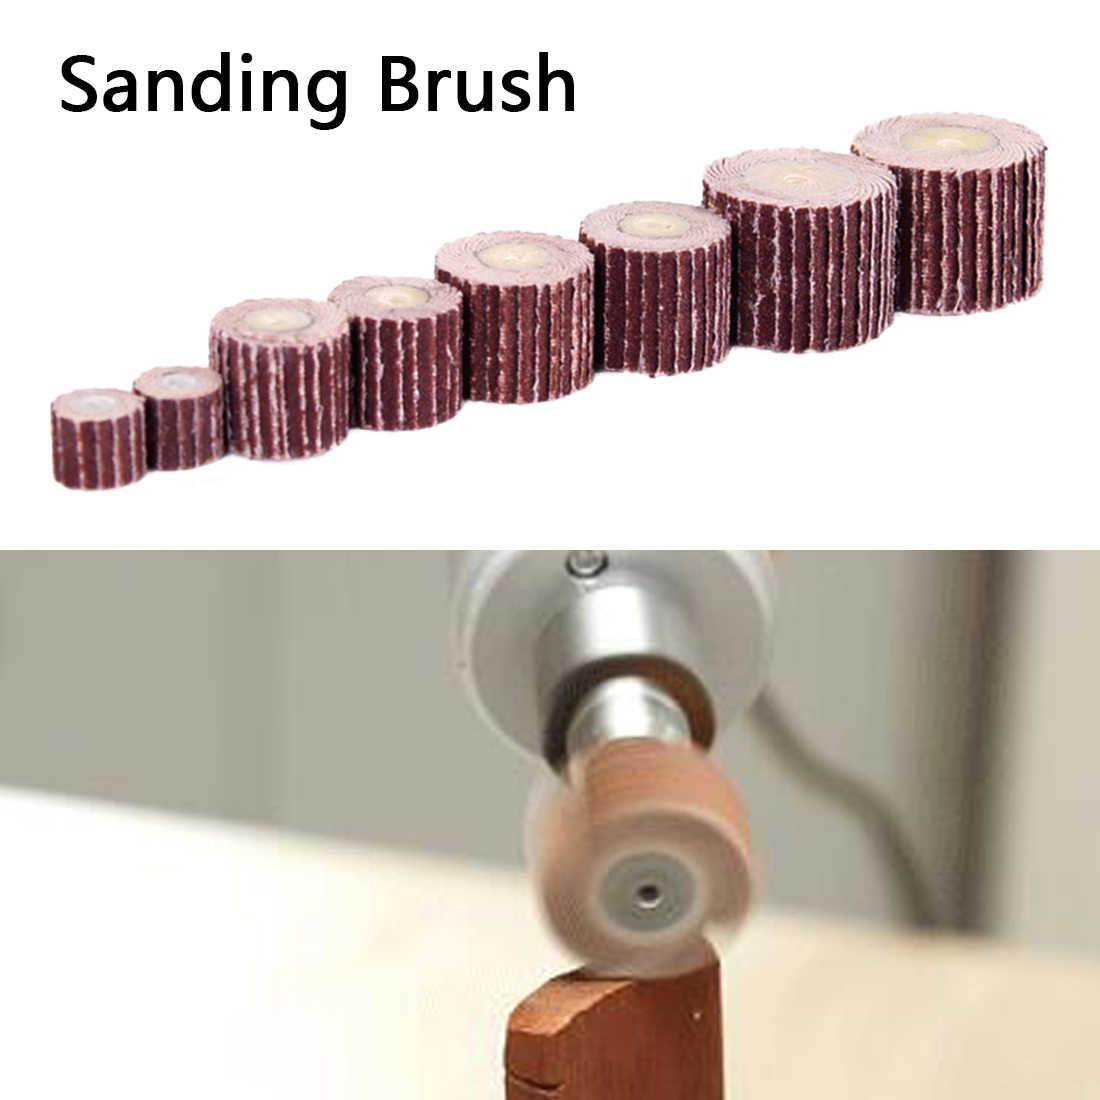 Pcs + 1 10 10-12mm Lixar Moagem Disco Aba Flap Rodas Escova Dremel Acessórios Para Abrasivo de Areia ferramentas moedor Dremel Rotativo